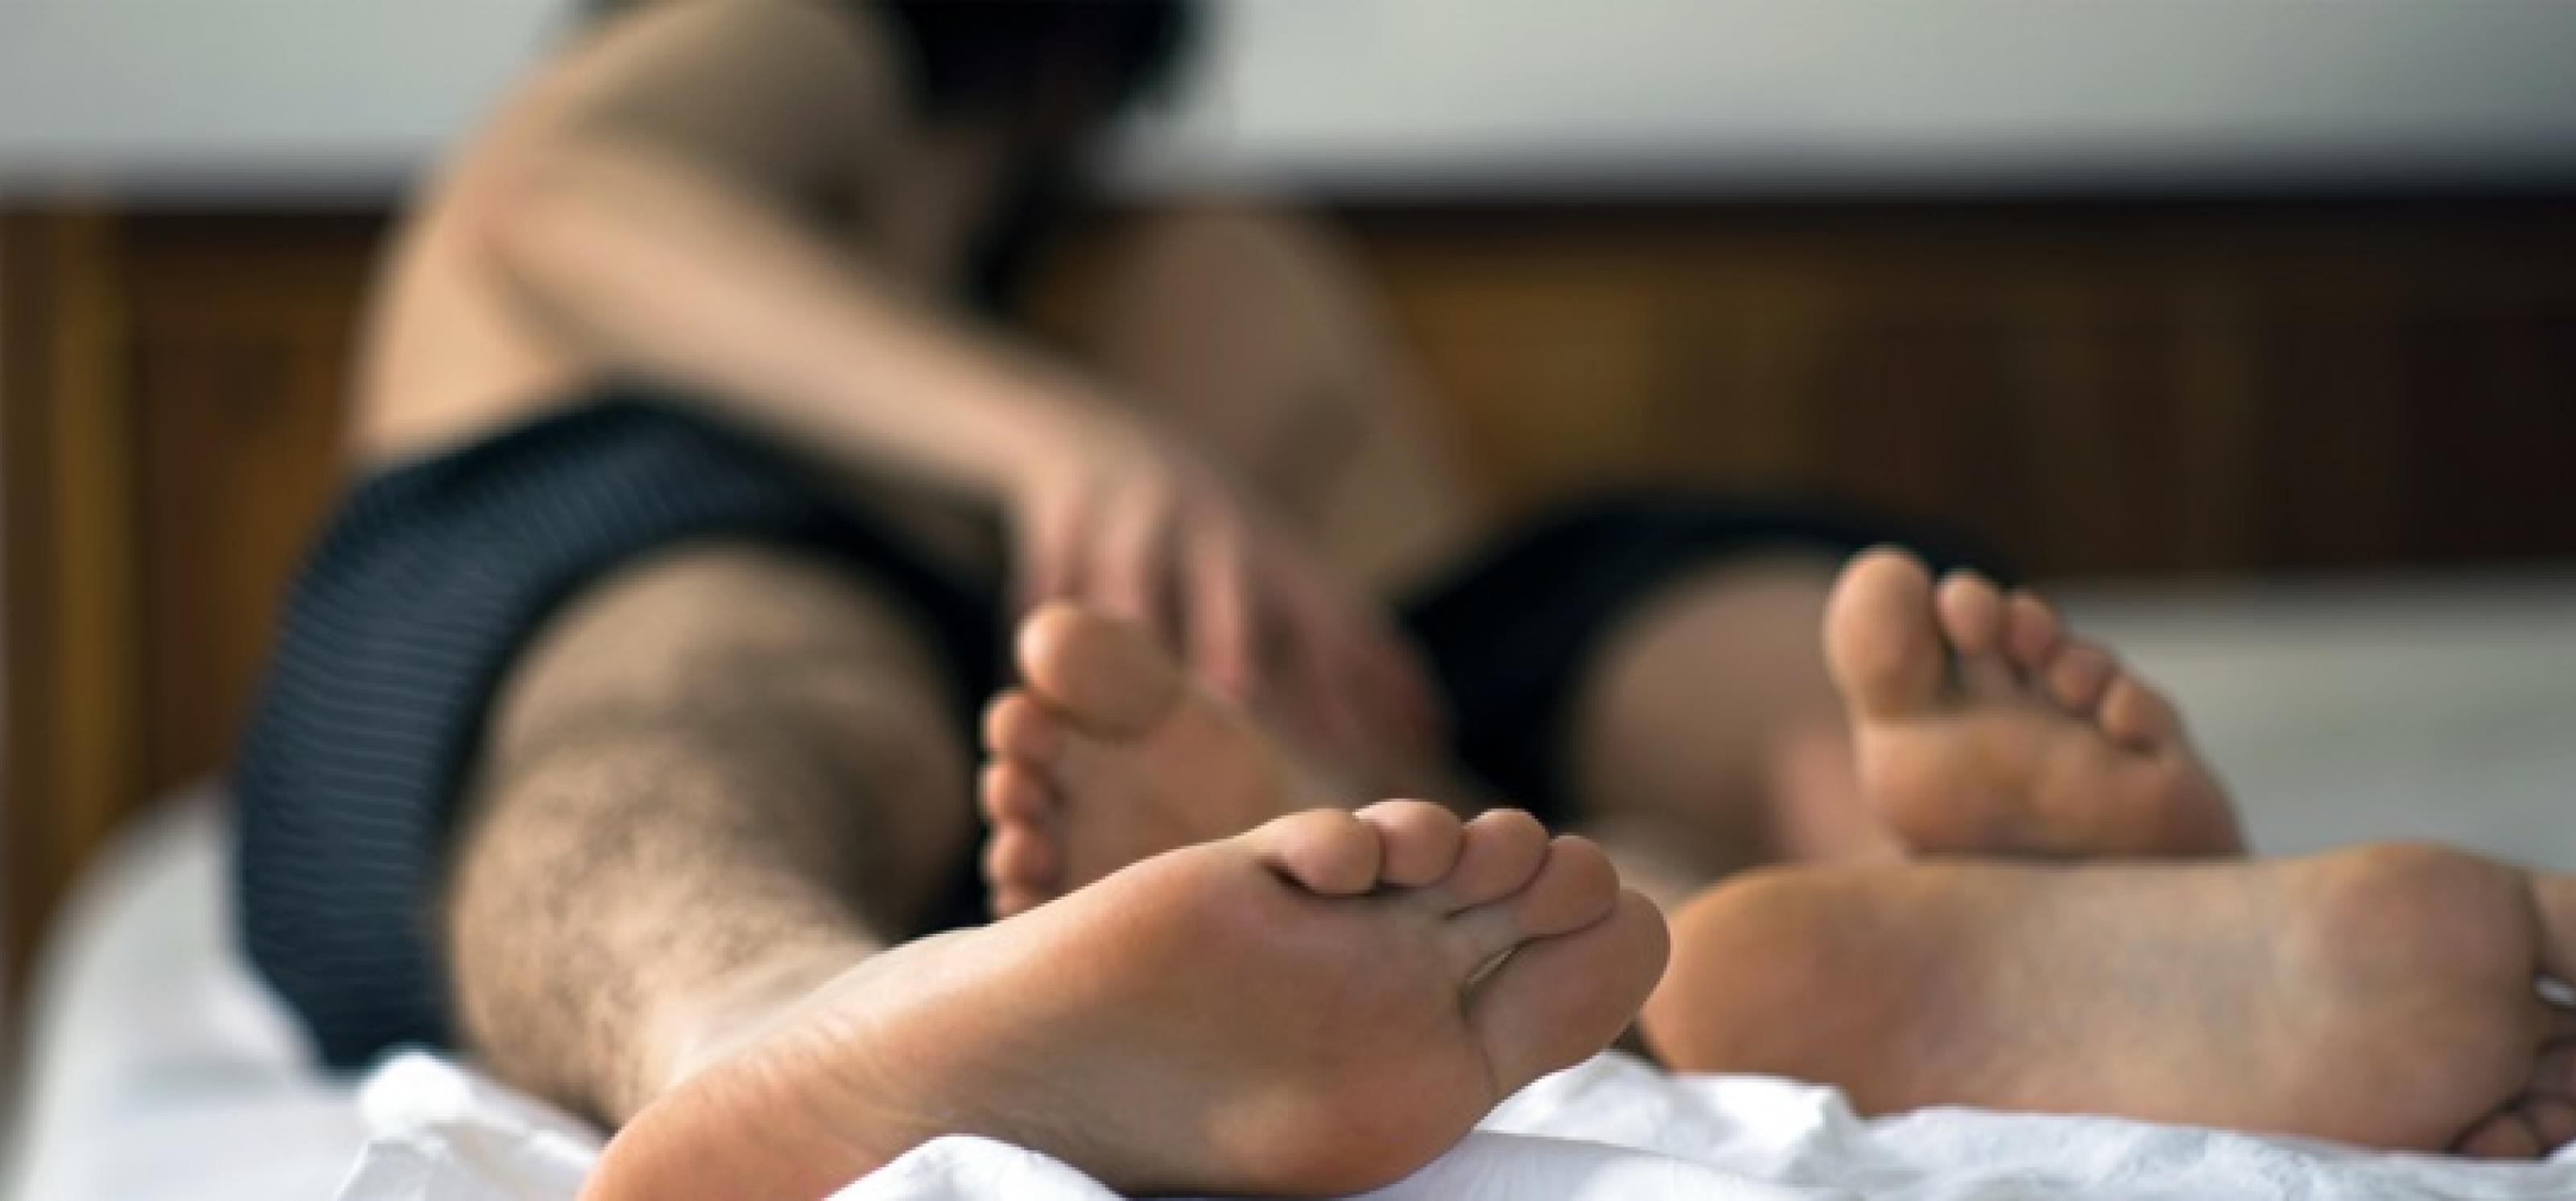 Ein Paar, bis auf die Unterhose nackt, liegt im Bett. Safer Sex